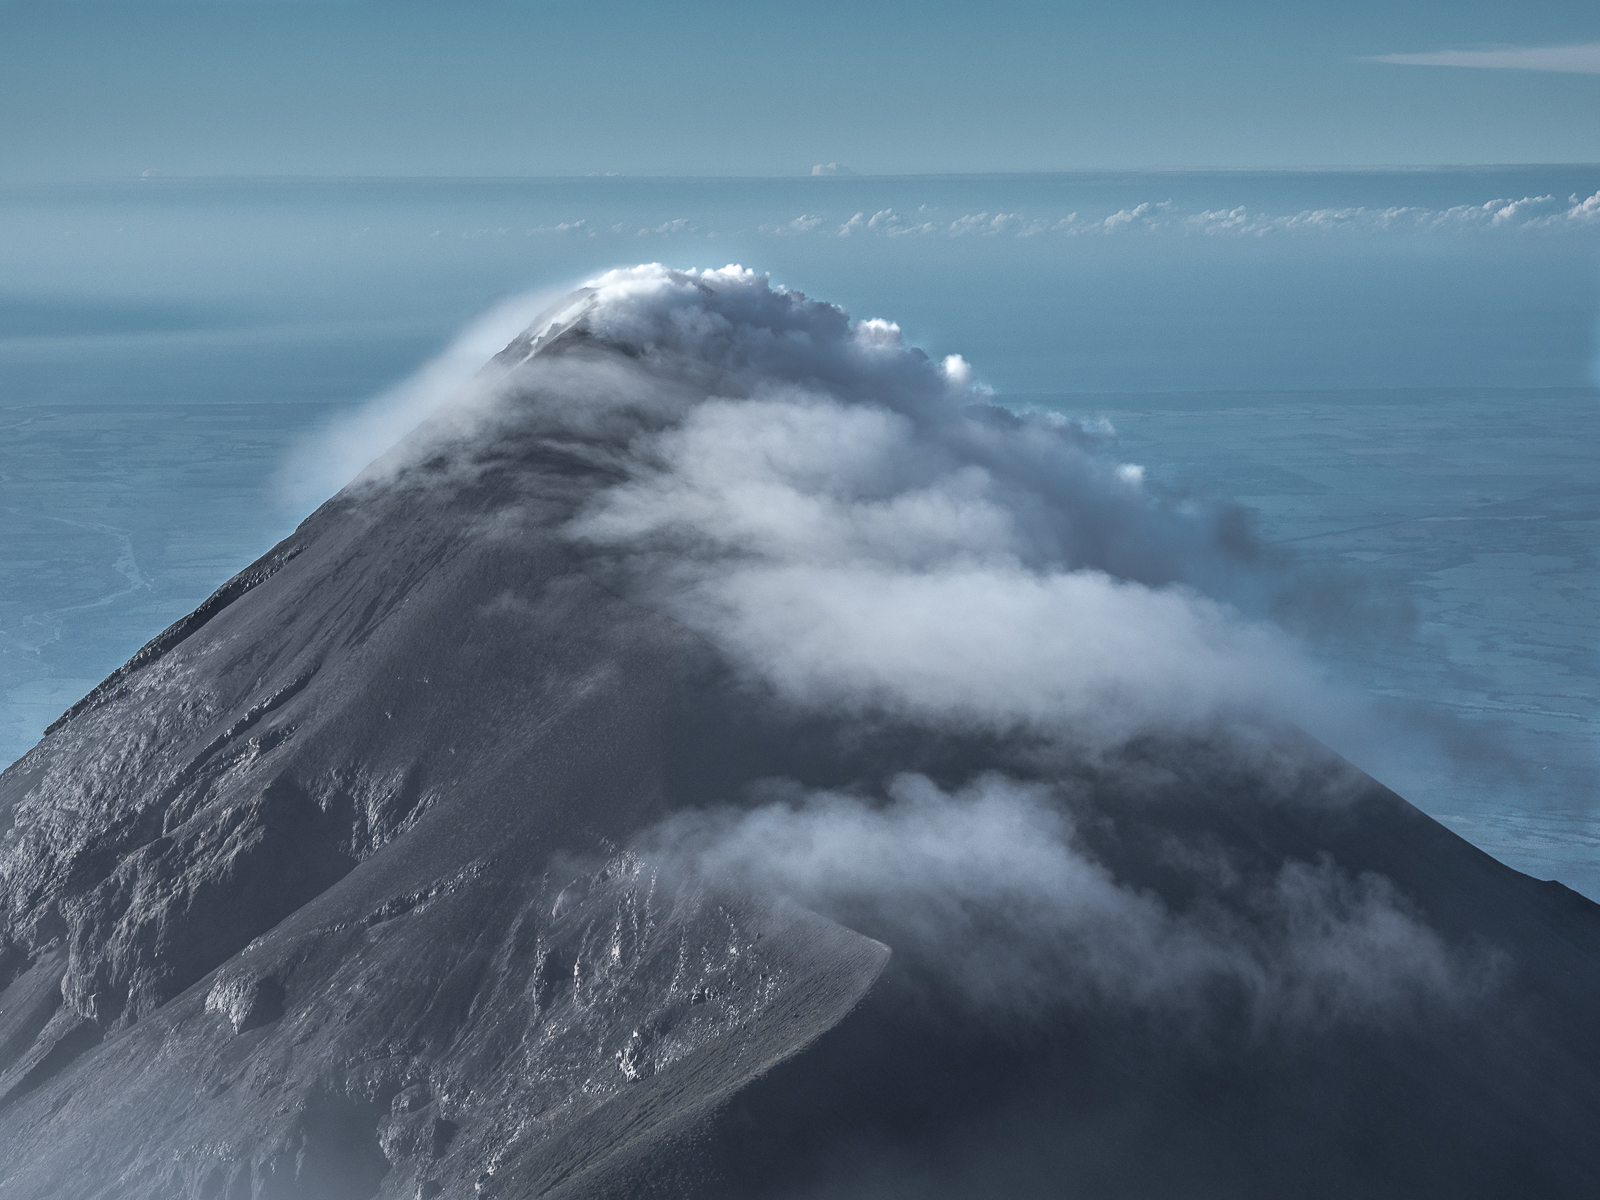 Volcan de fuego from Acatenango summit, Guatemala